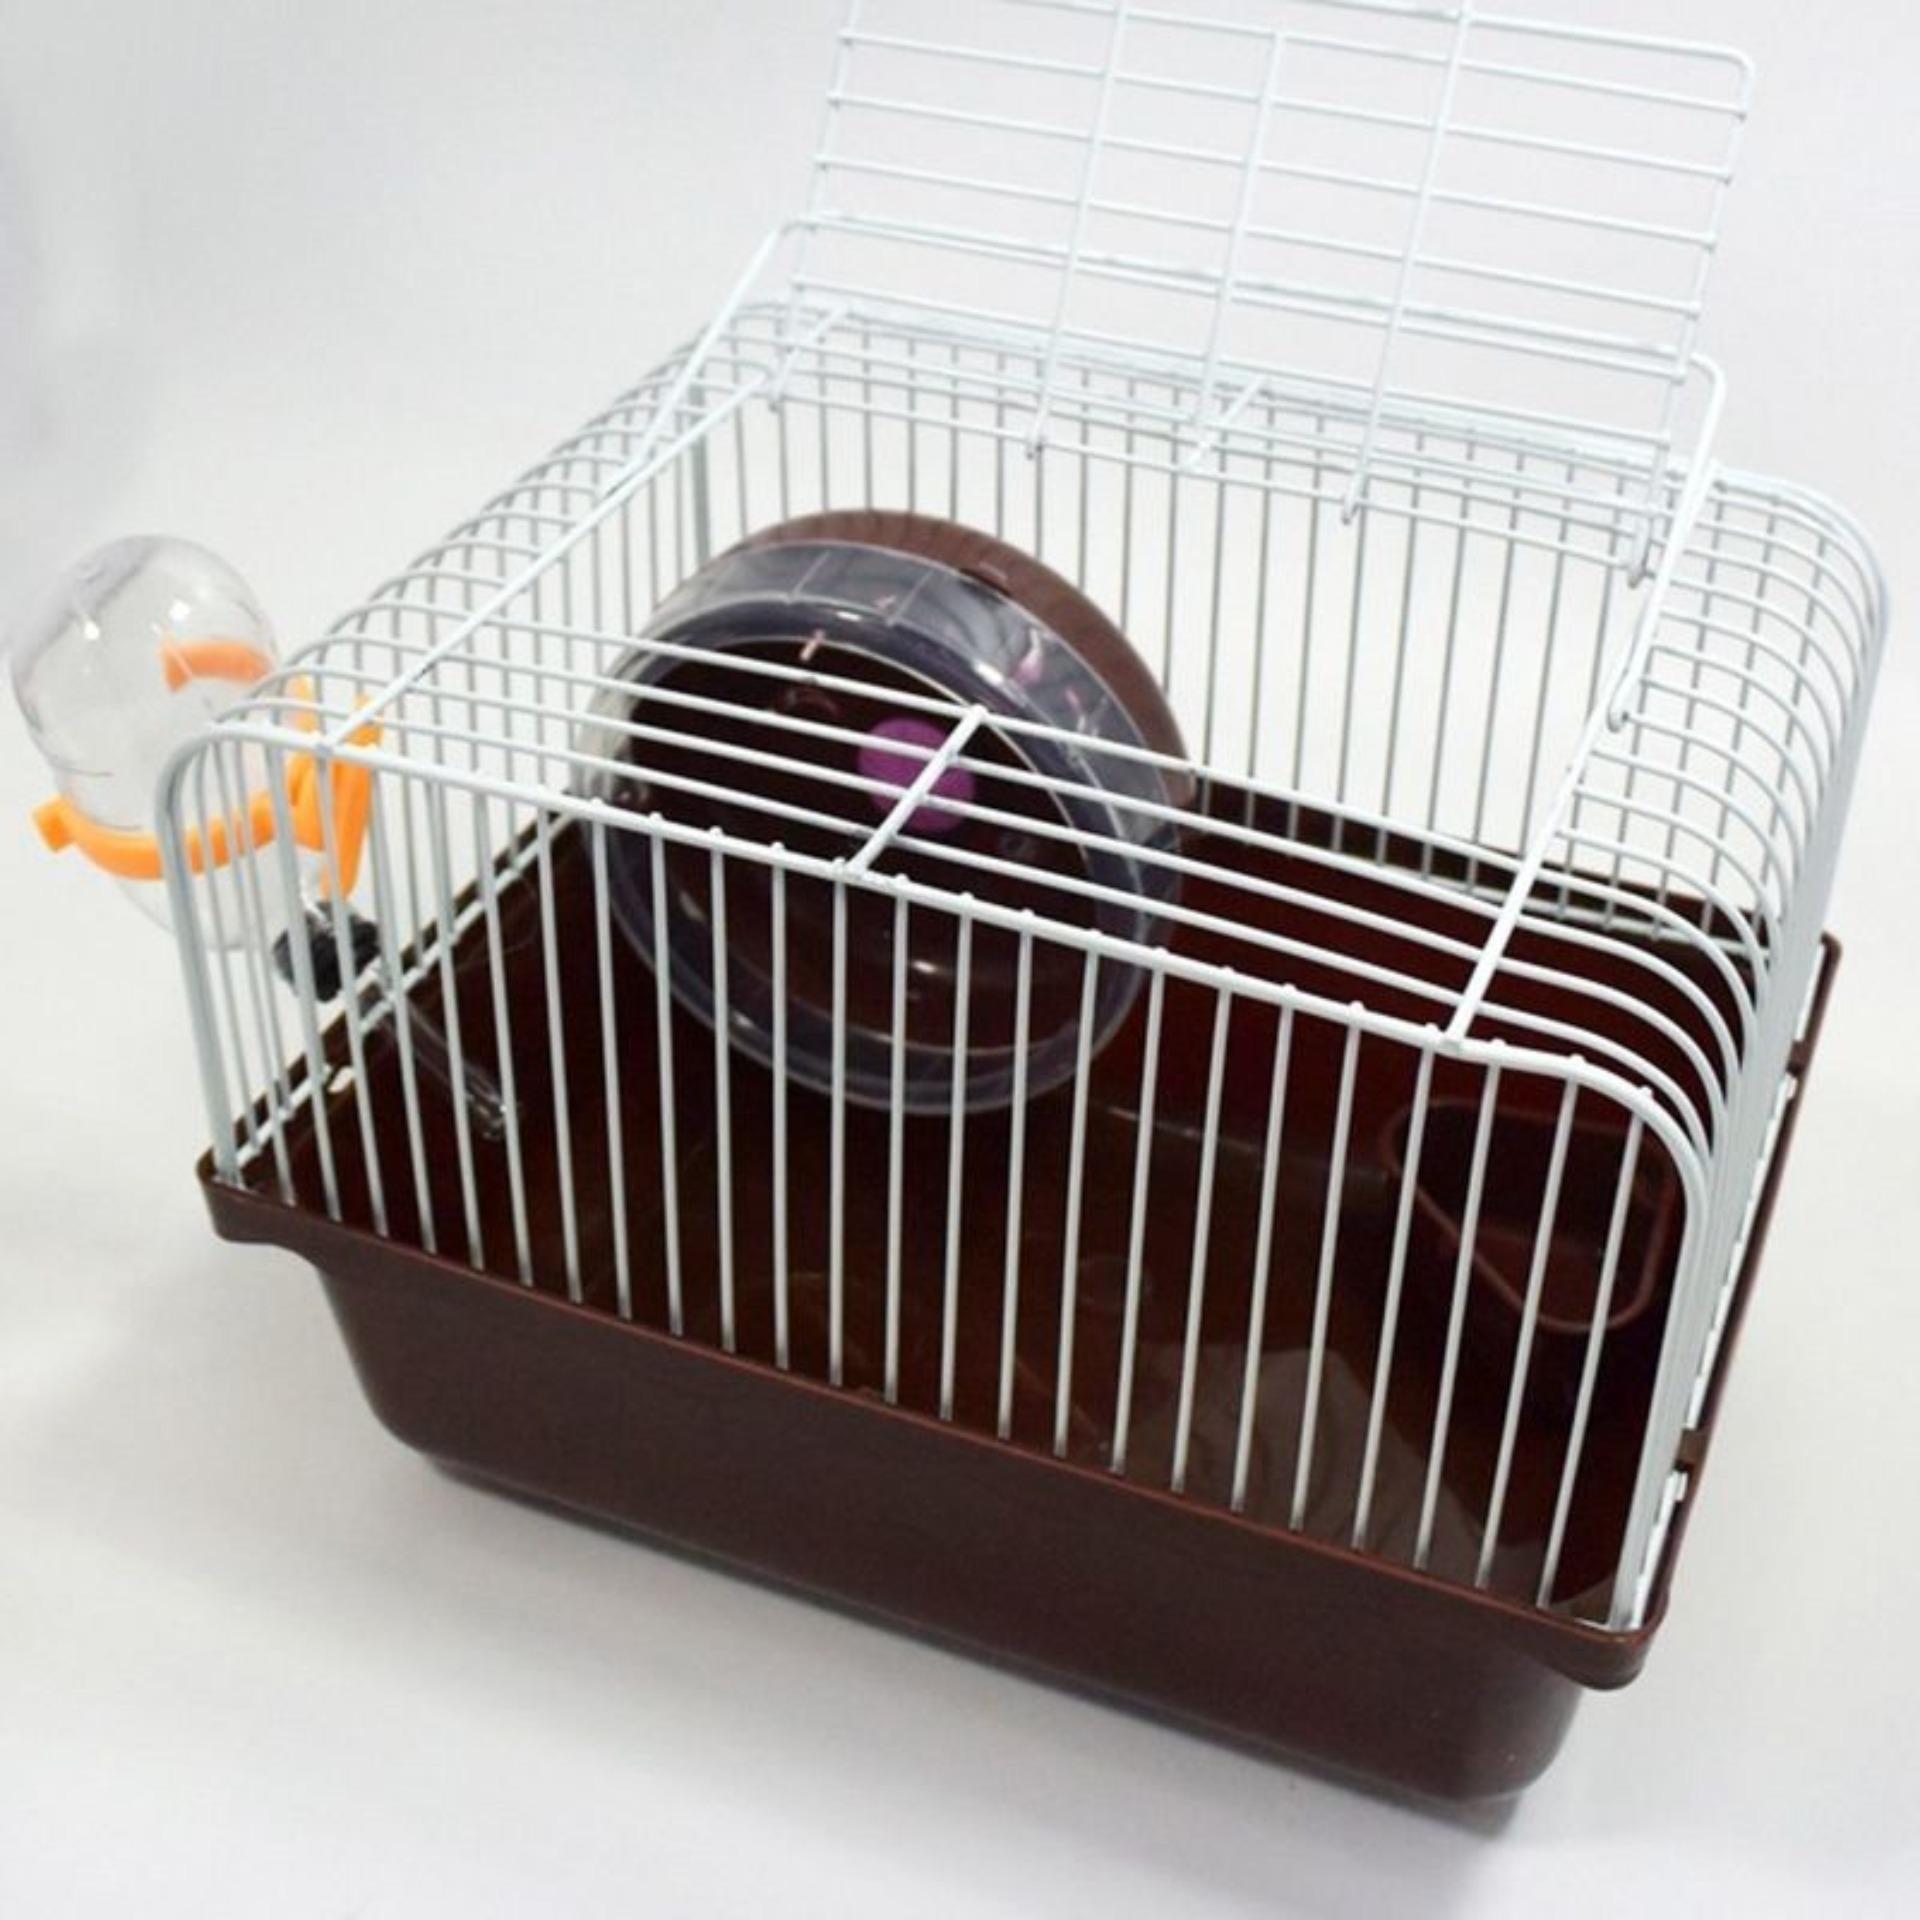 Giá Lồng Chuột Hamster 23x17x17cm Legaxi HH30